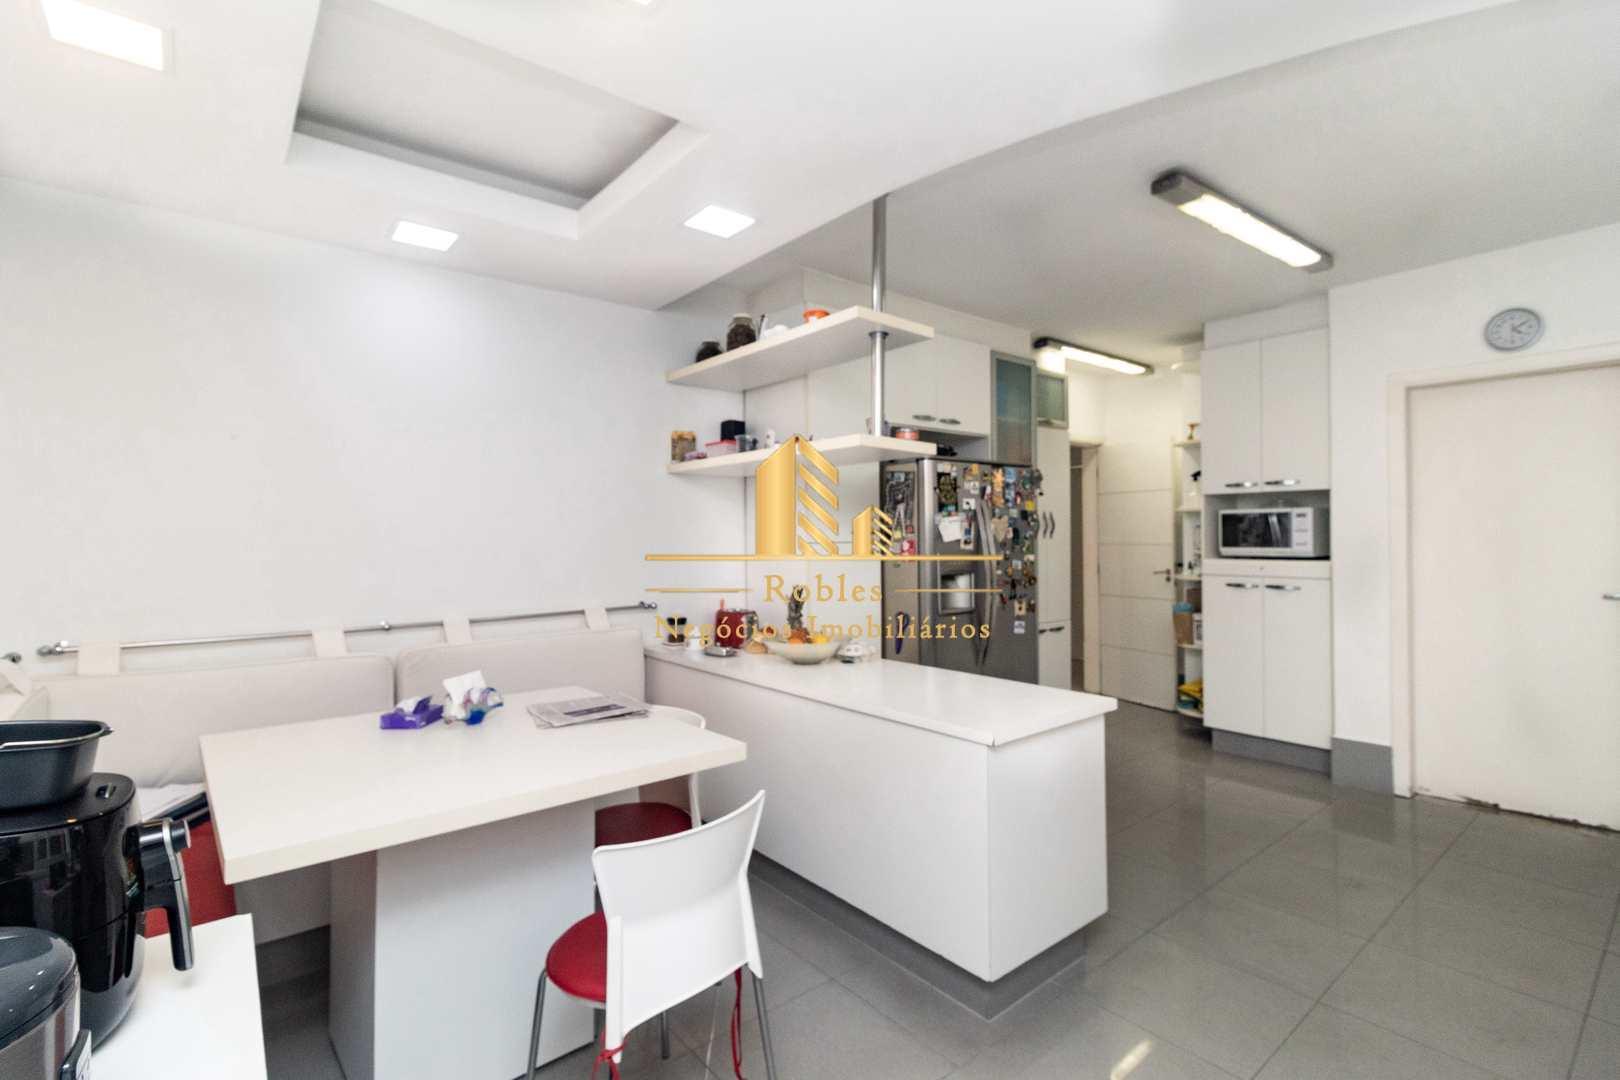 Casa de Condomínio com 4 dorms, Jardim Prudência, São Paulo - R$ 1.99 mi, Cod: 1522